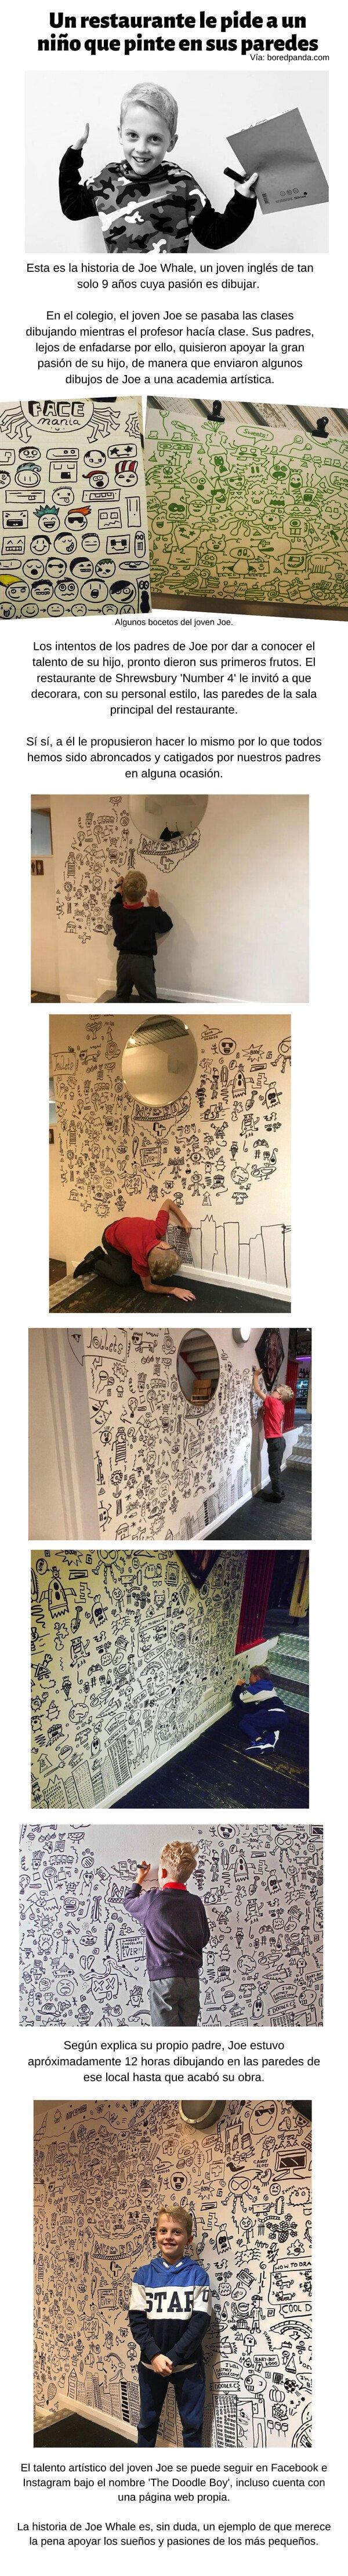 Meme_otros - Un restaurante le pide a un niño que pinte en sus paredes